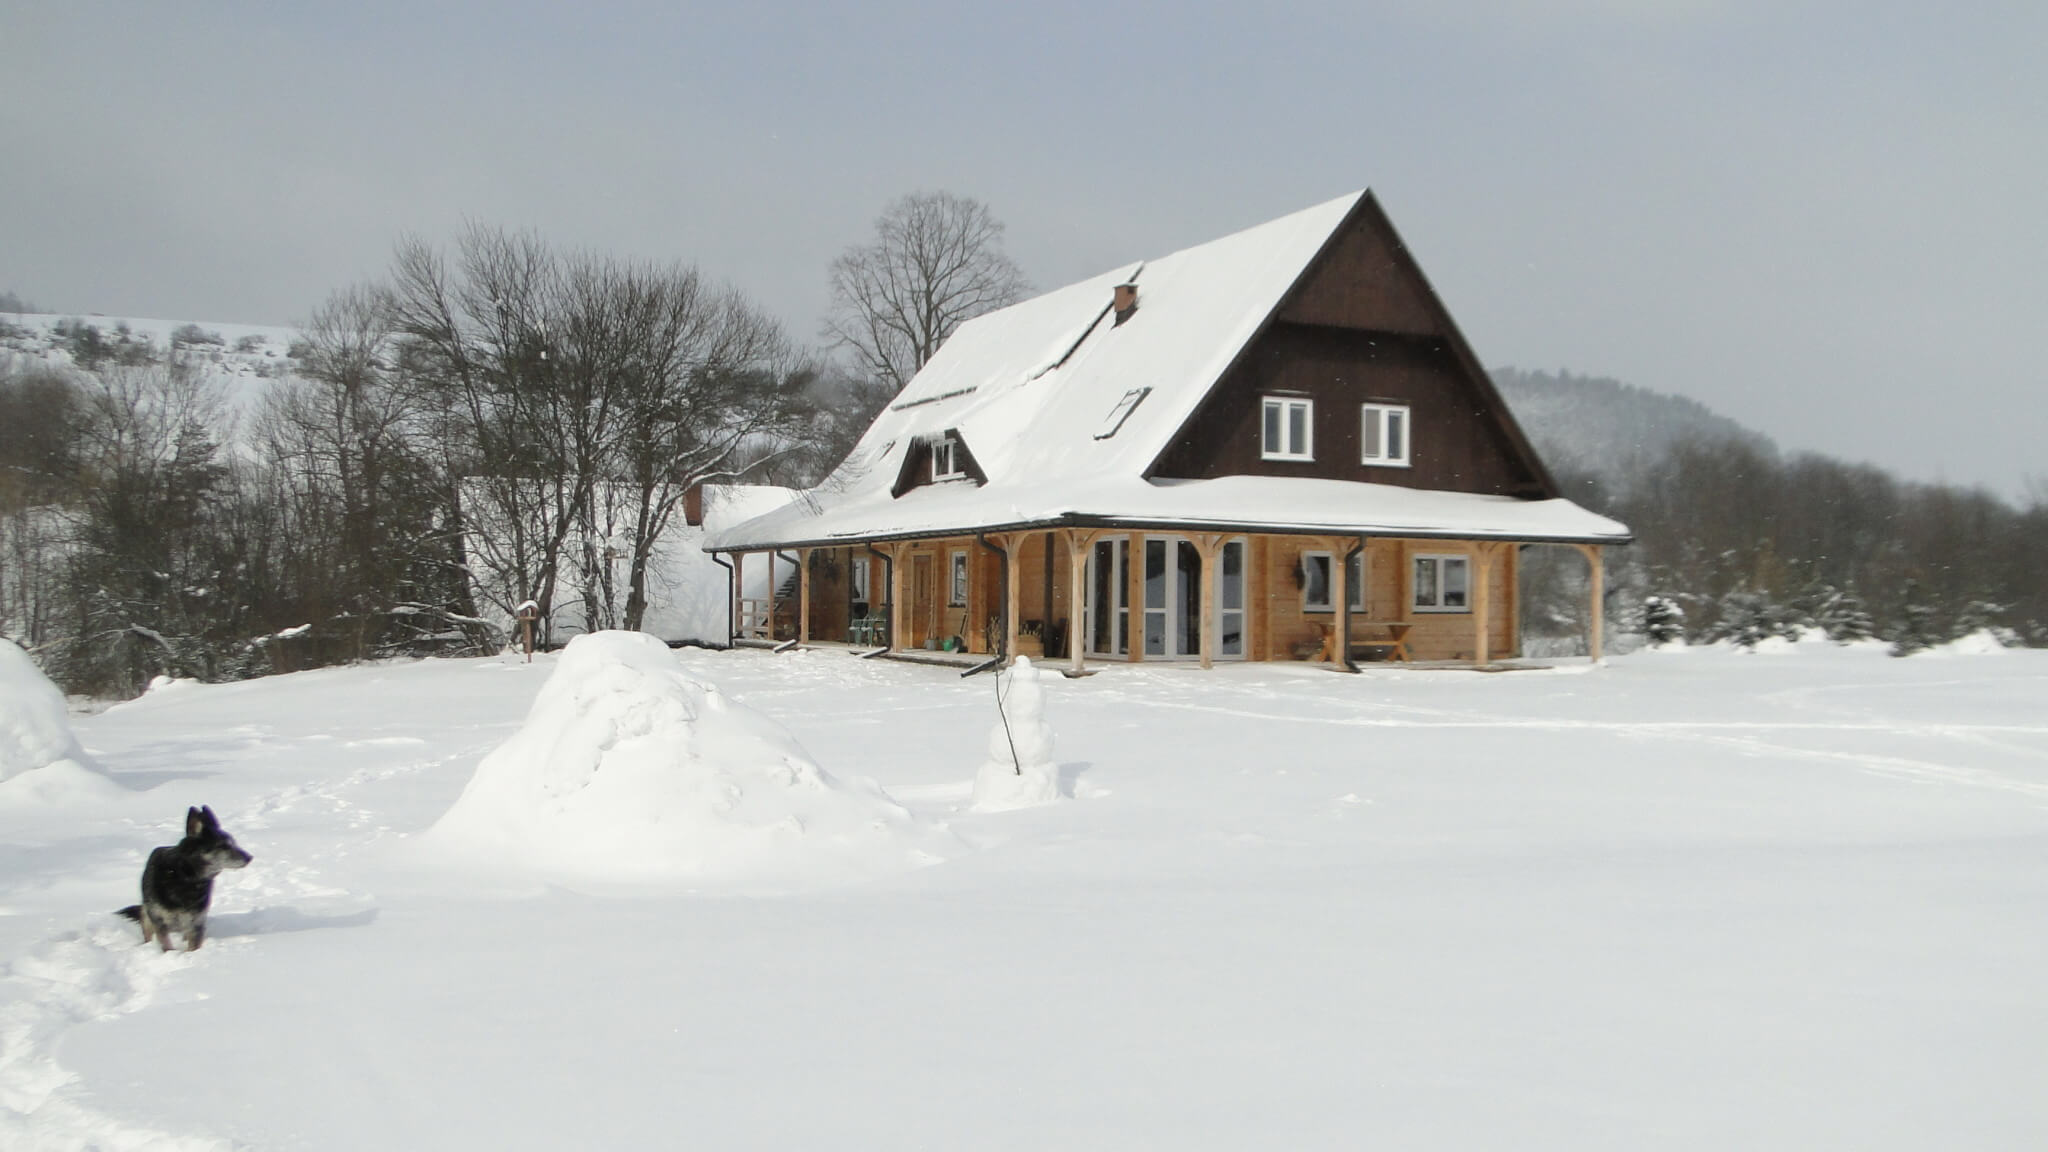 Lutowa zima - śnieżna imroźna 25